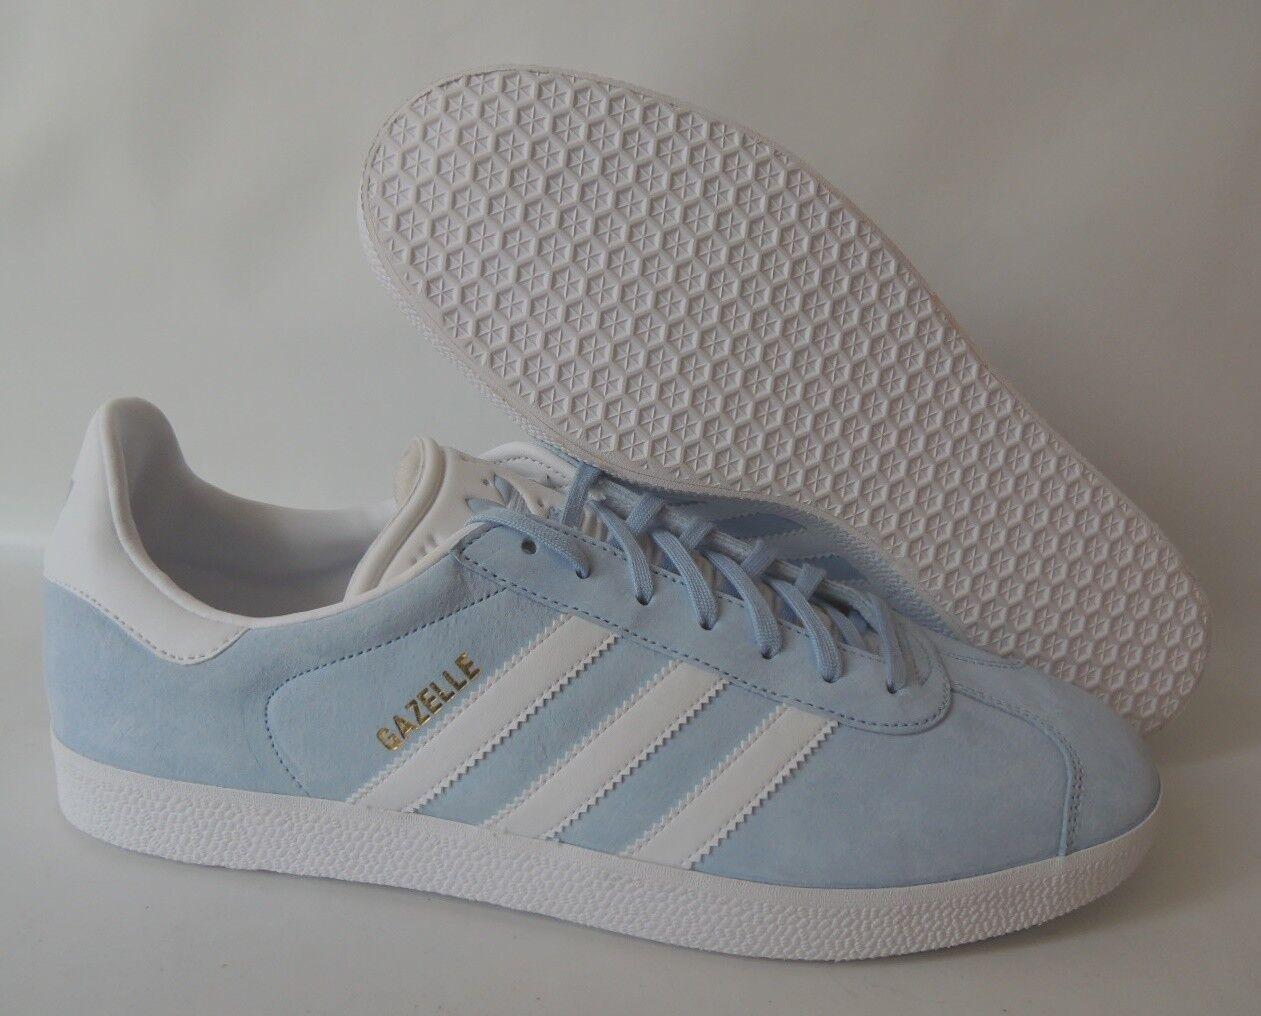 NEU adidas Gazelle Größe 46 2/3 Herren Sneaker Schuhe BB5481 ORIGINALS Retro